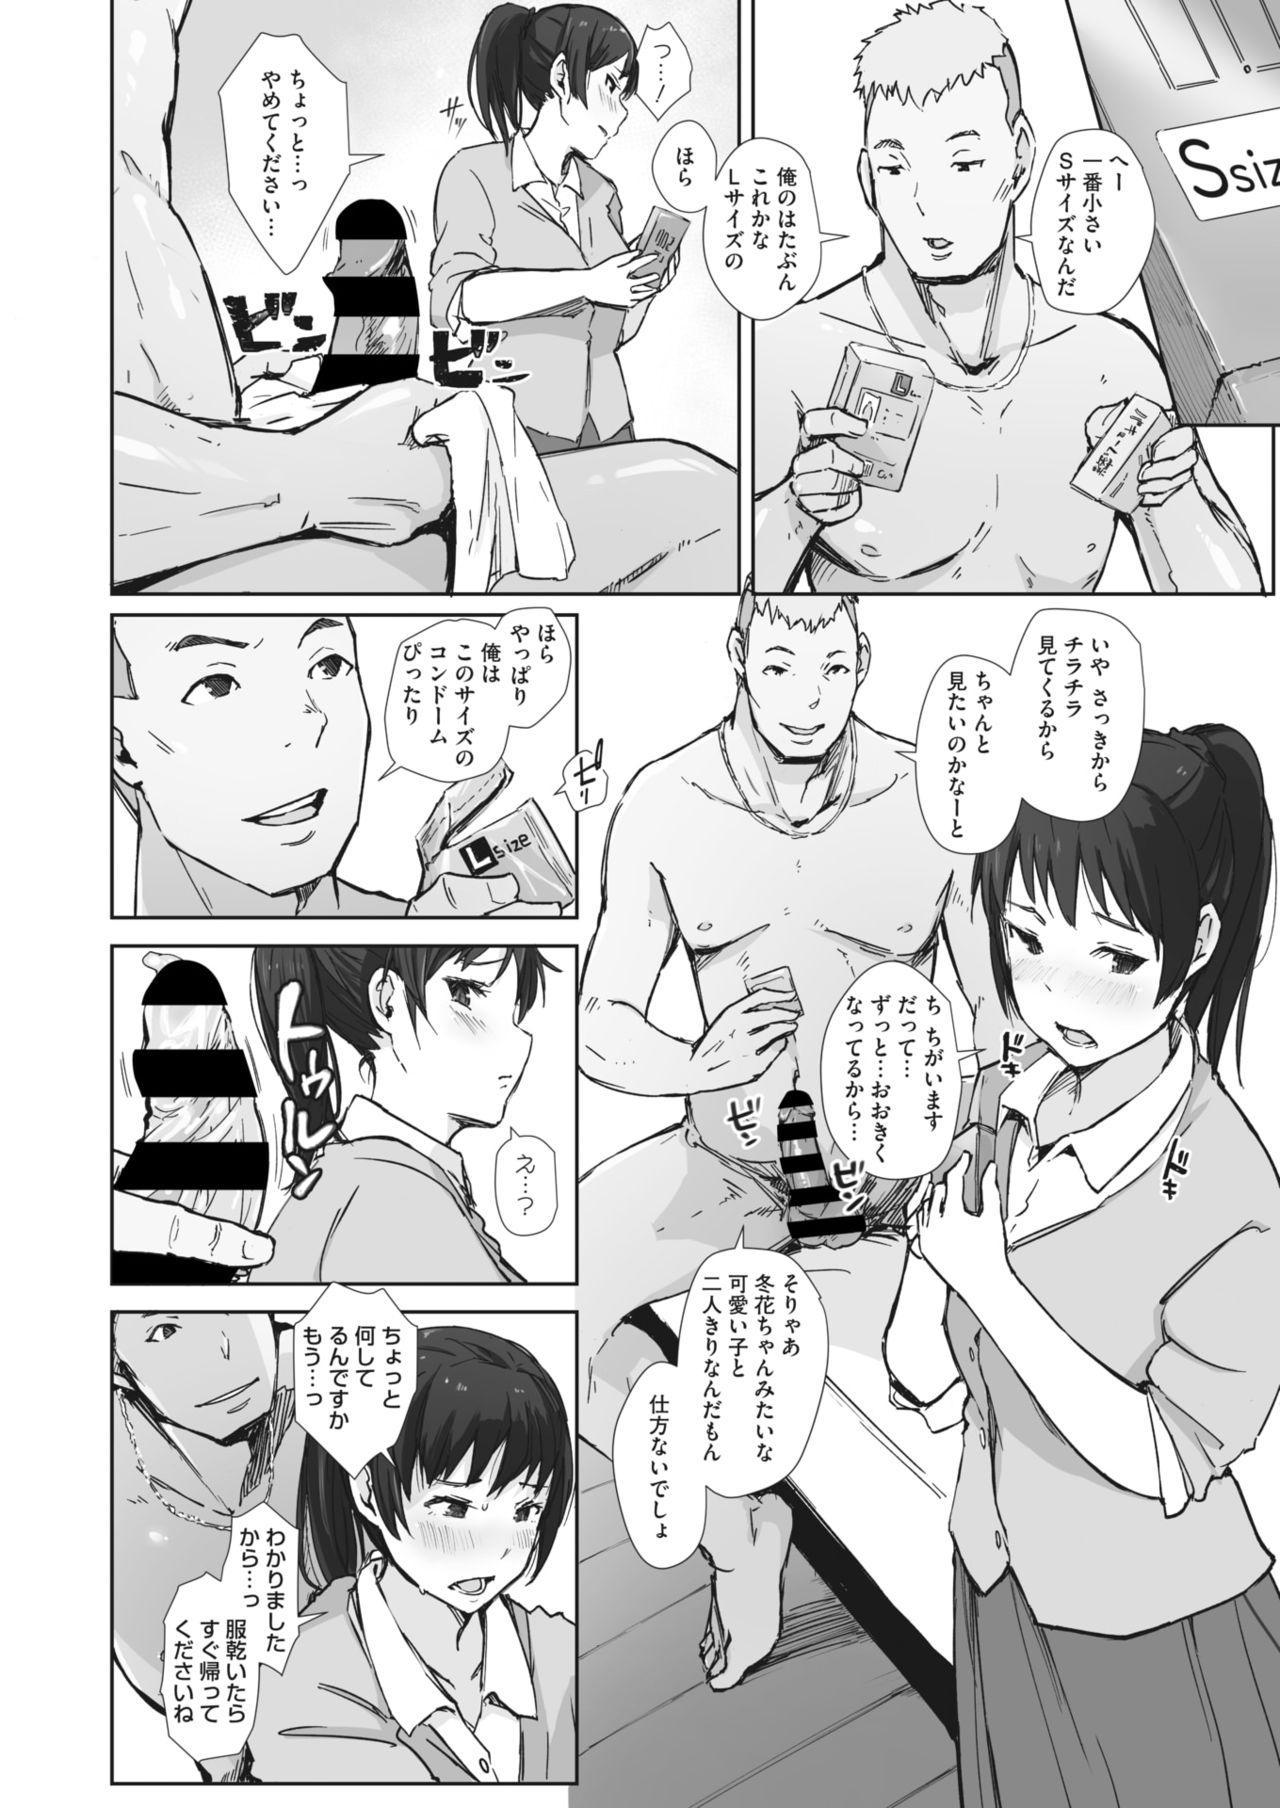 Kawa no Tsumetasa wa Haru no Otozure 1-4 51